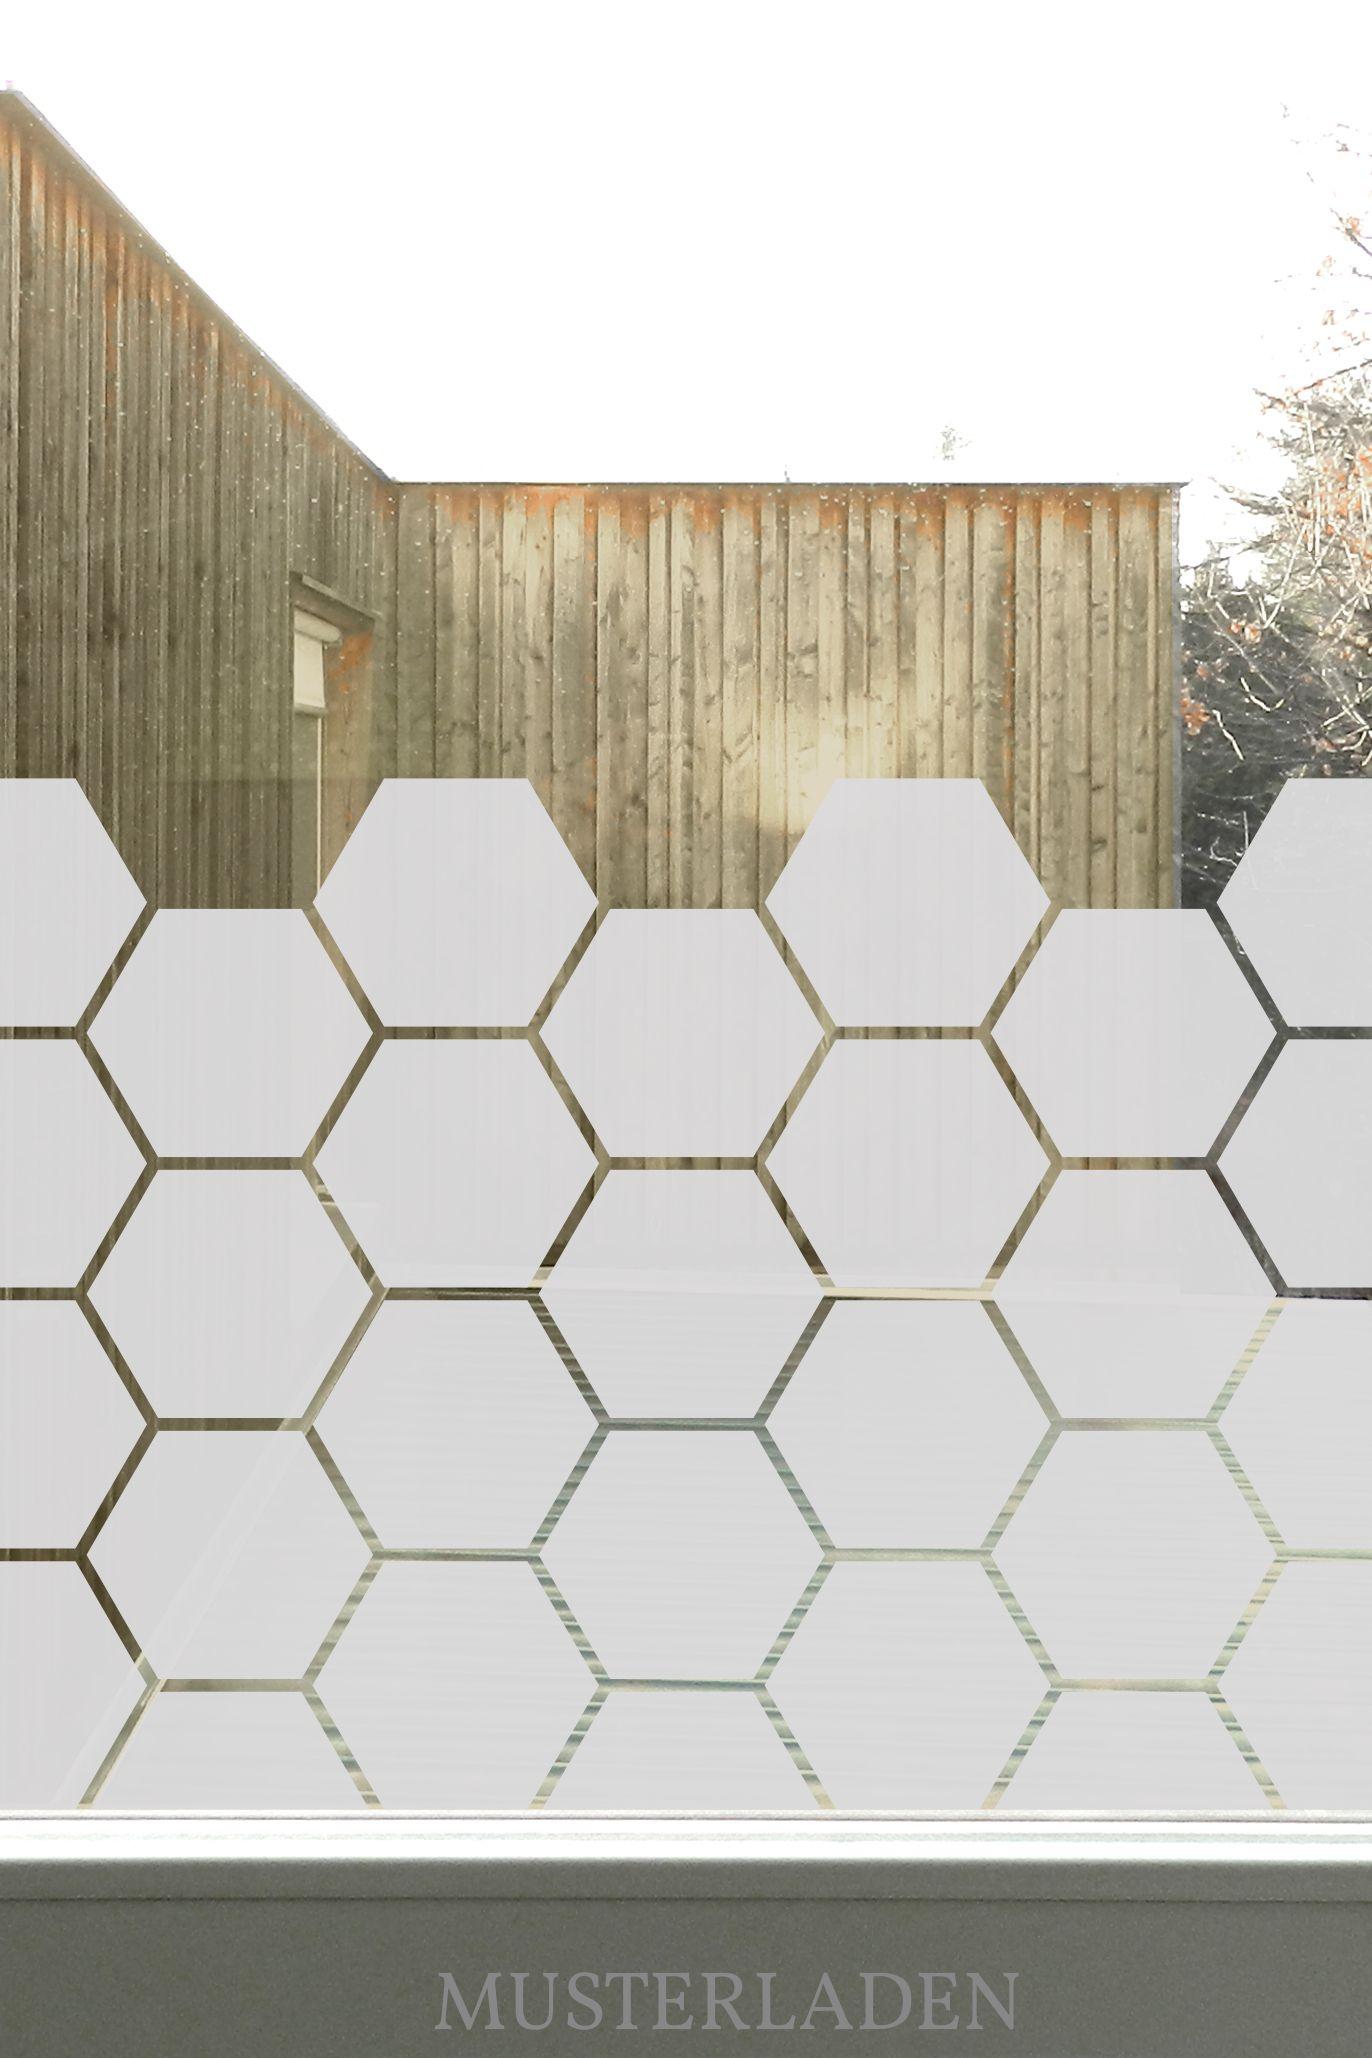 Glasdekorfolien Mit Bienenwaben Motiv Musterladen Blickdichte